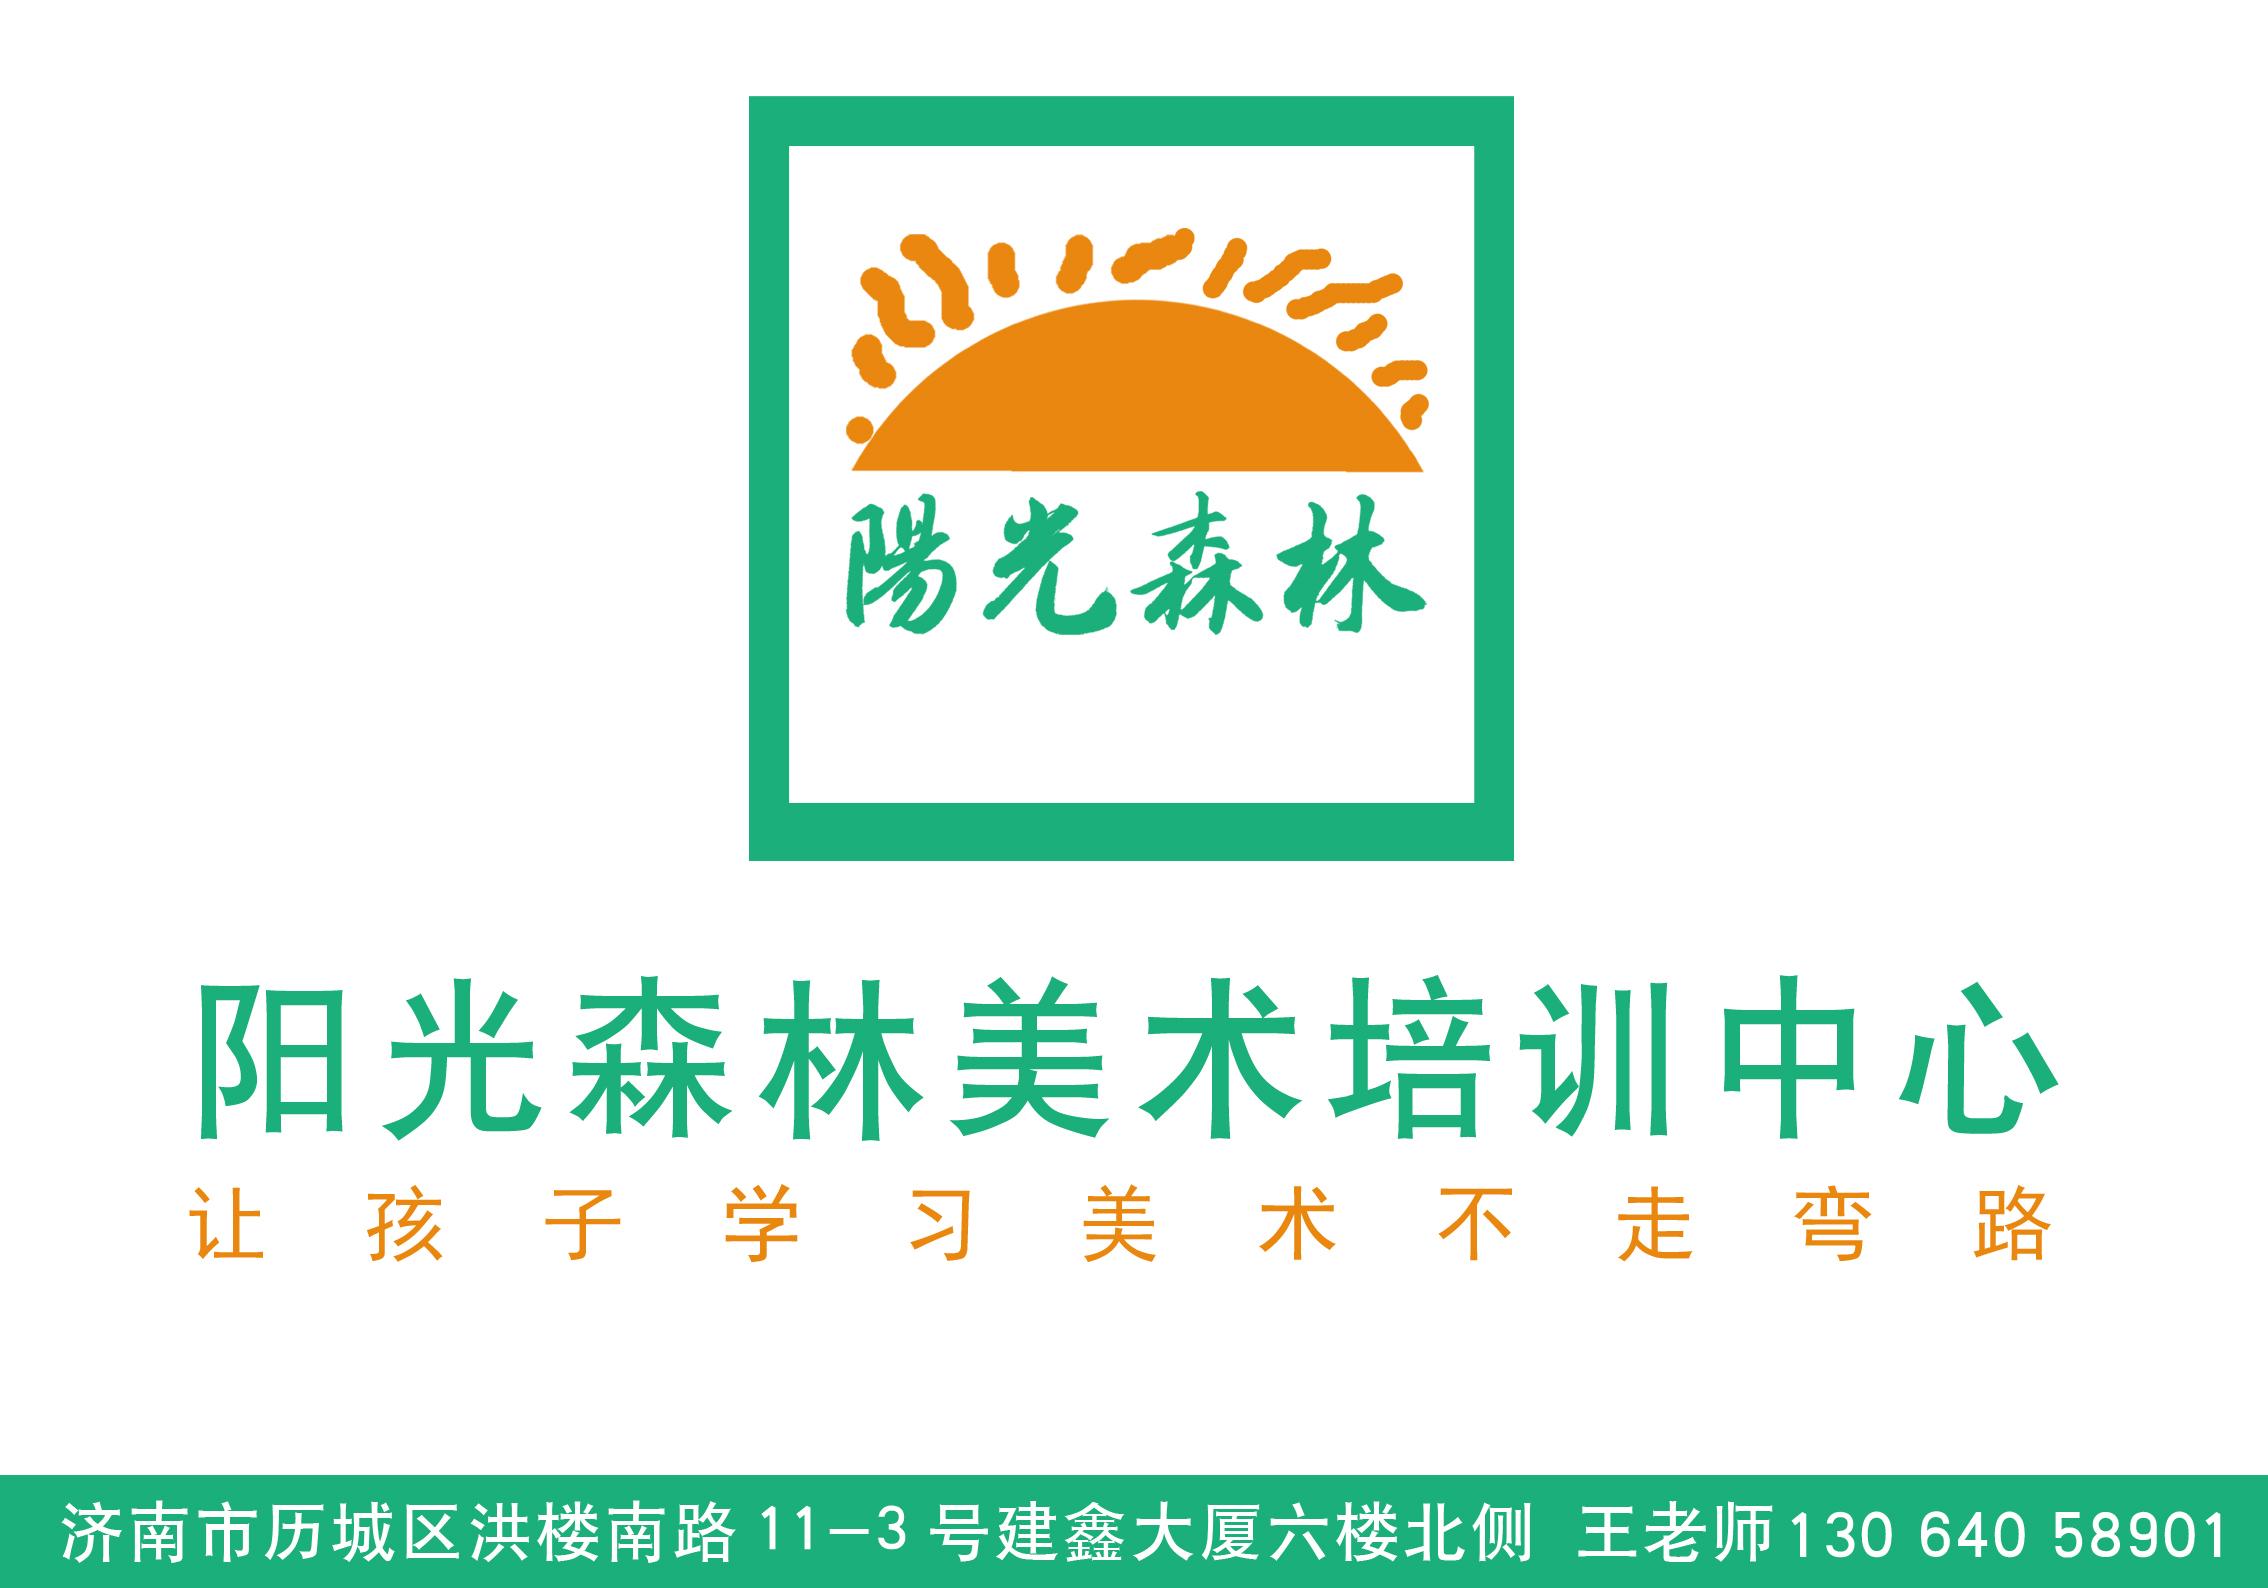 http://www.liuyubo.com/jiaoyu/3732248.html